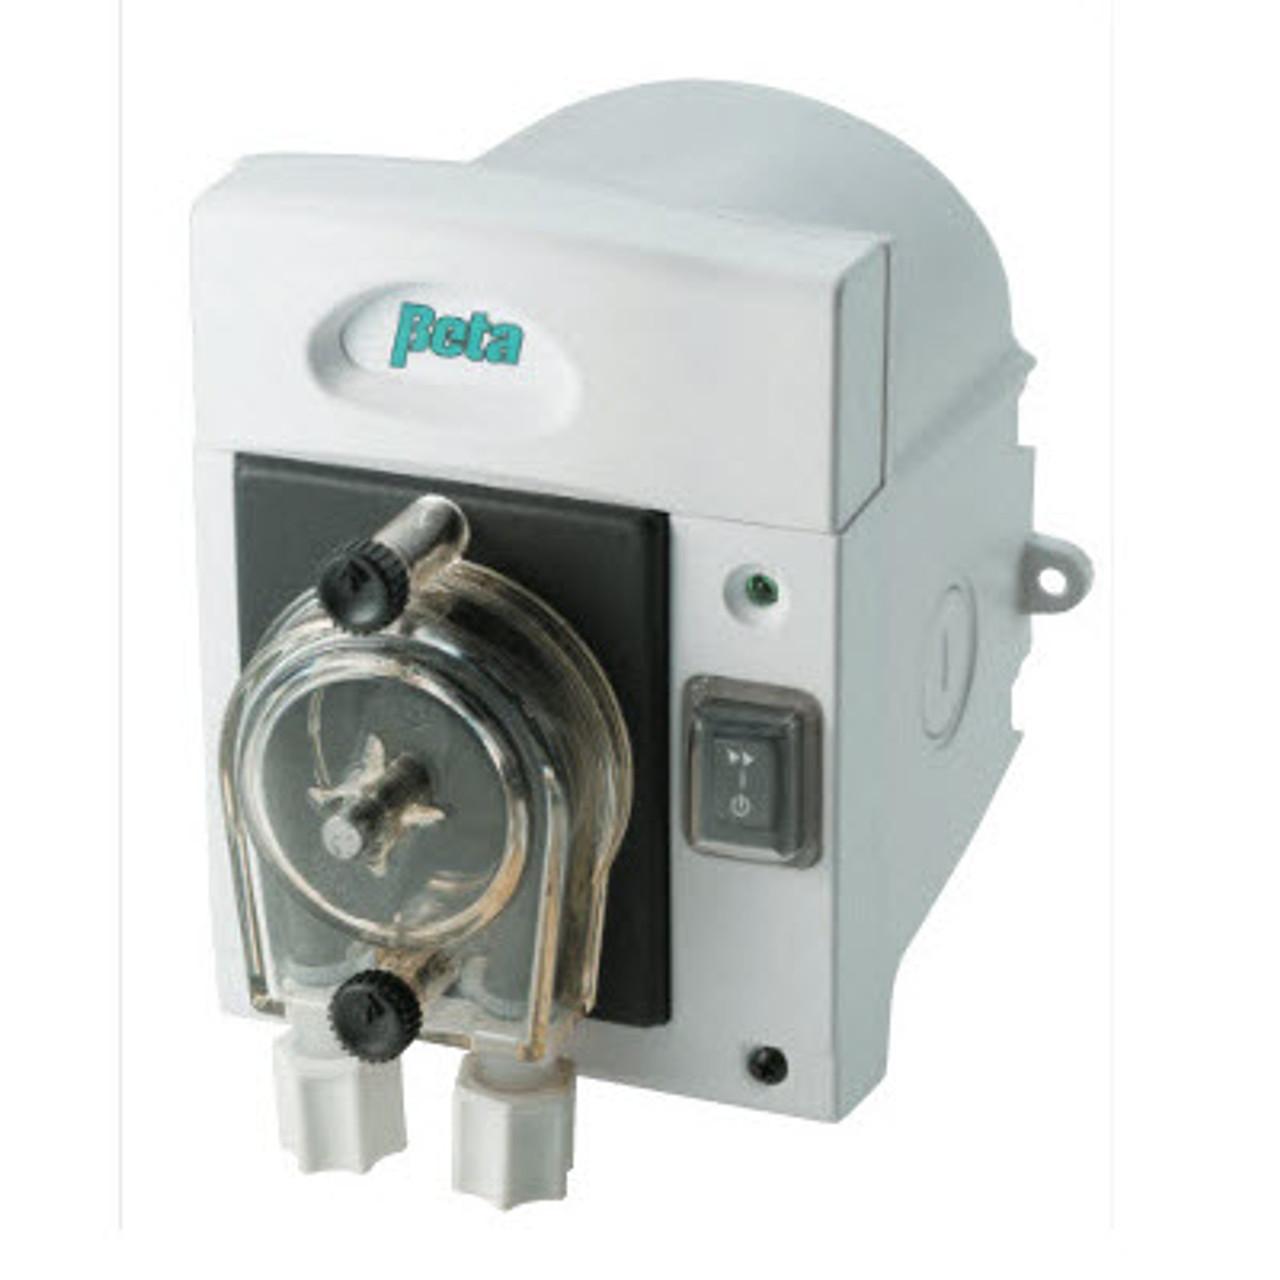 Beta Technology Tahoe - Variable Speed Peristaltic Metering Pump